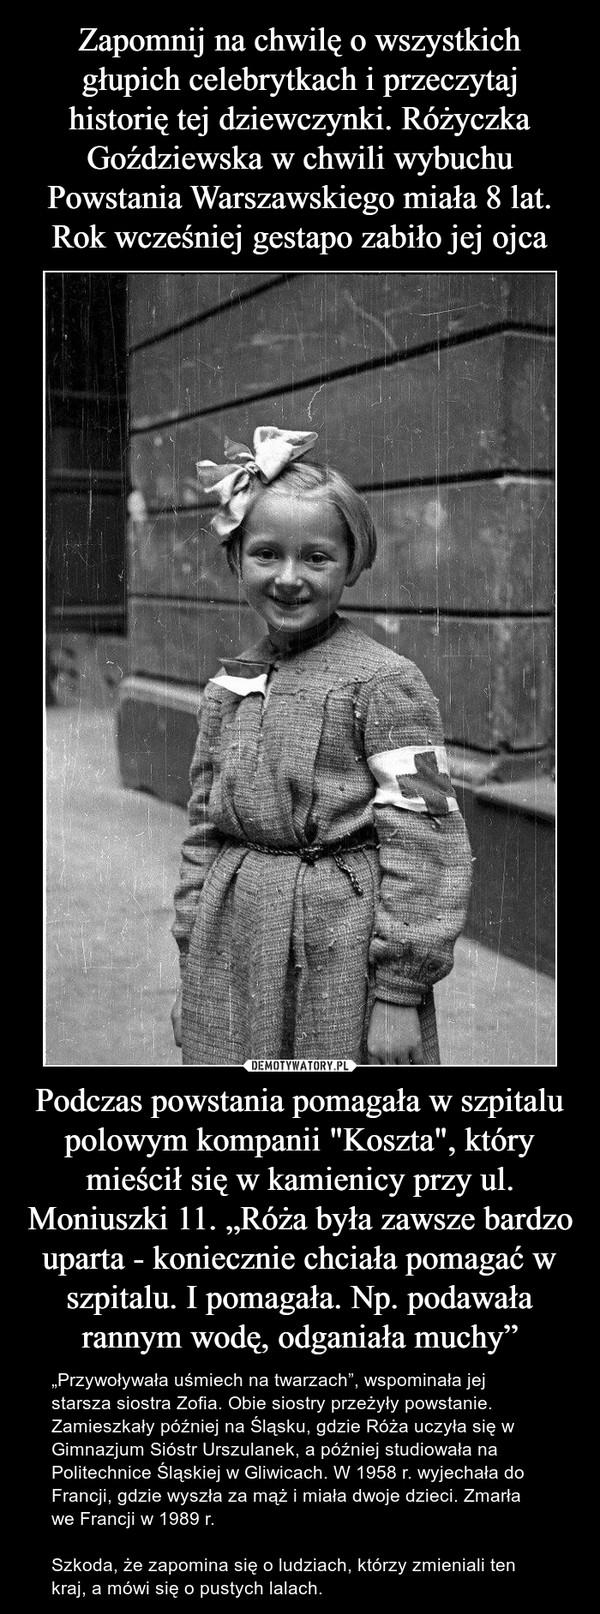 """Podczas powstania pomagała w szpitalu polowym kompanii """"Koszta"""", który mieścił się w kamienicy przy ul. Moniuszki 11. """"Róża była zawsze bardzo uparta - koniecznie chciała pomagać w szpitalu. I pomagała. Np. podawała rannym wodę, odganiała muchy"""" – """"Przywoływała uśmiech na twarzach"""", wspominała jej starsza siostra Zofia. Obie siostry przeżyły powstanie. Zamieszkały później na Śląsku, gdzie Róża uczyła się w Gimnazjum Sióstr Urszulanek, a później studiowała na Politechnice Śląskiej w Gliwicach. W 1958 r. wyjechała do Francji, gdzie wyszła za mąż i miała dwoje dzieci. Zmarła we Francji w 1989 r.  Szkoda, że zapomina się o ludziach, którzy zmieniali ten kraj, a mówi się o pustych lalach."""